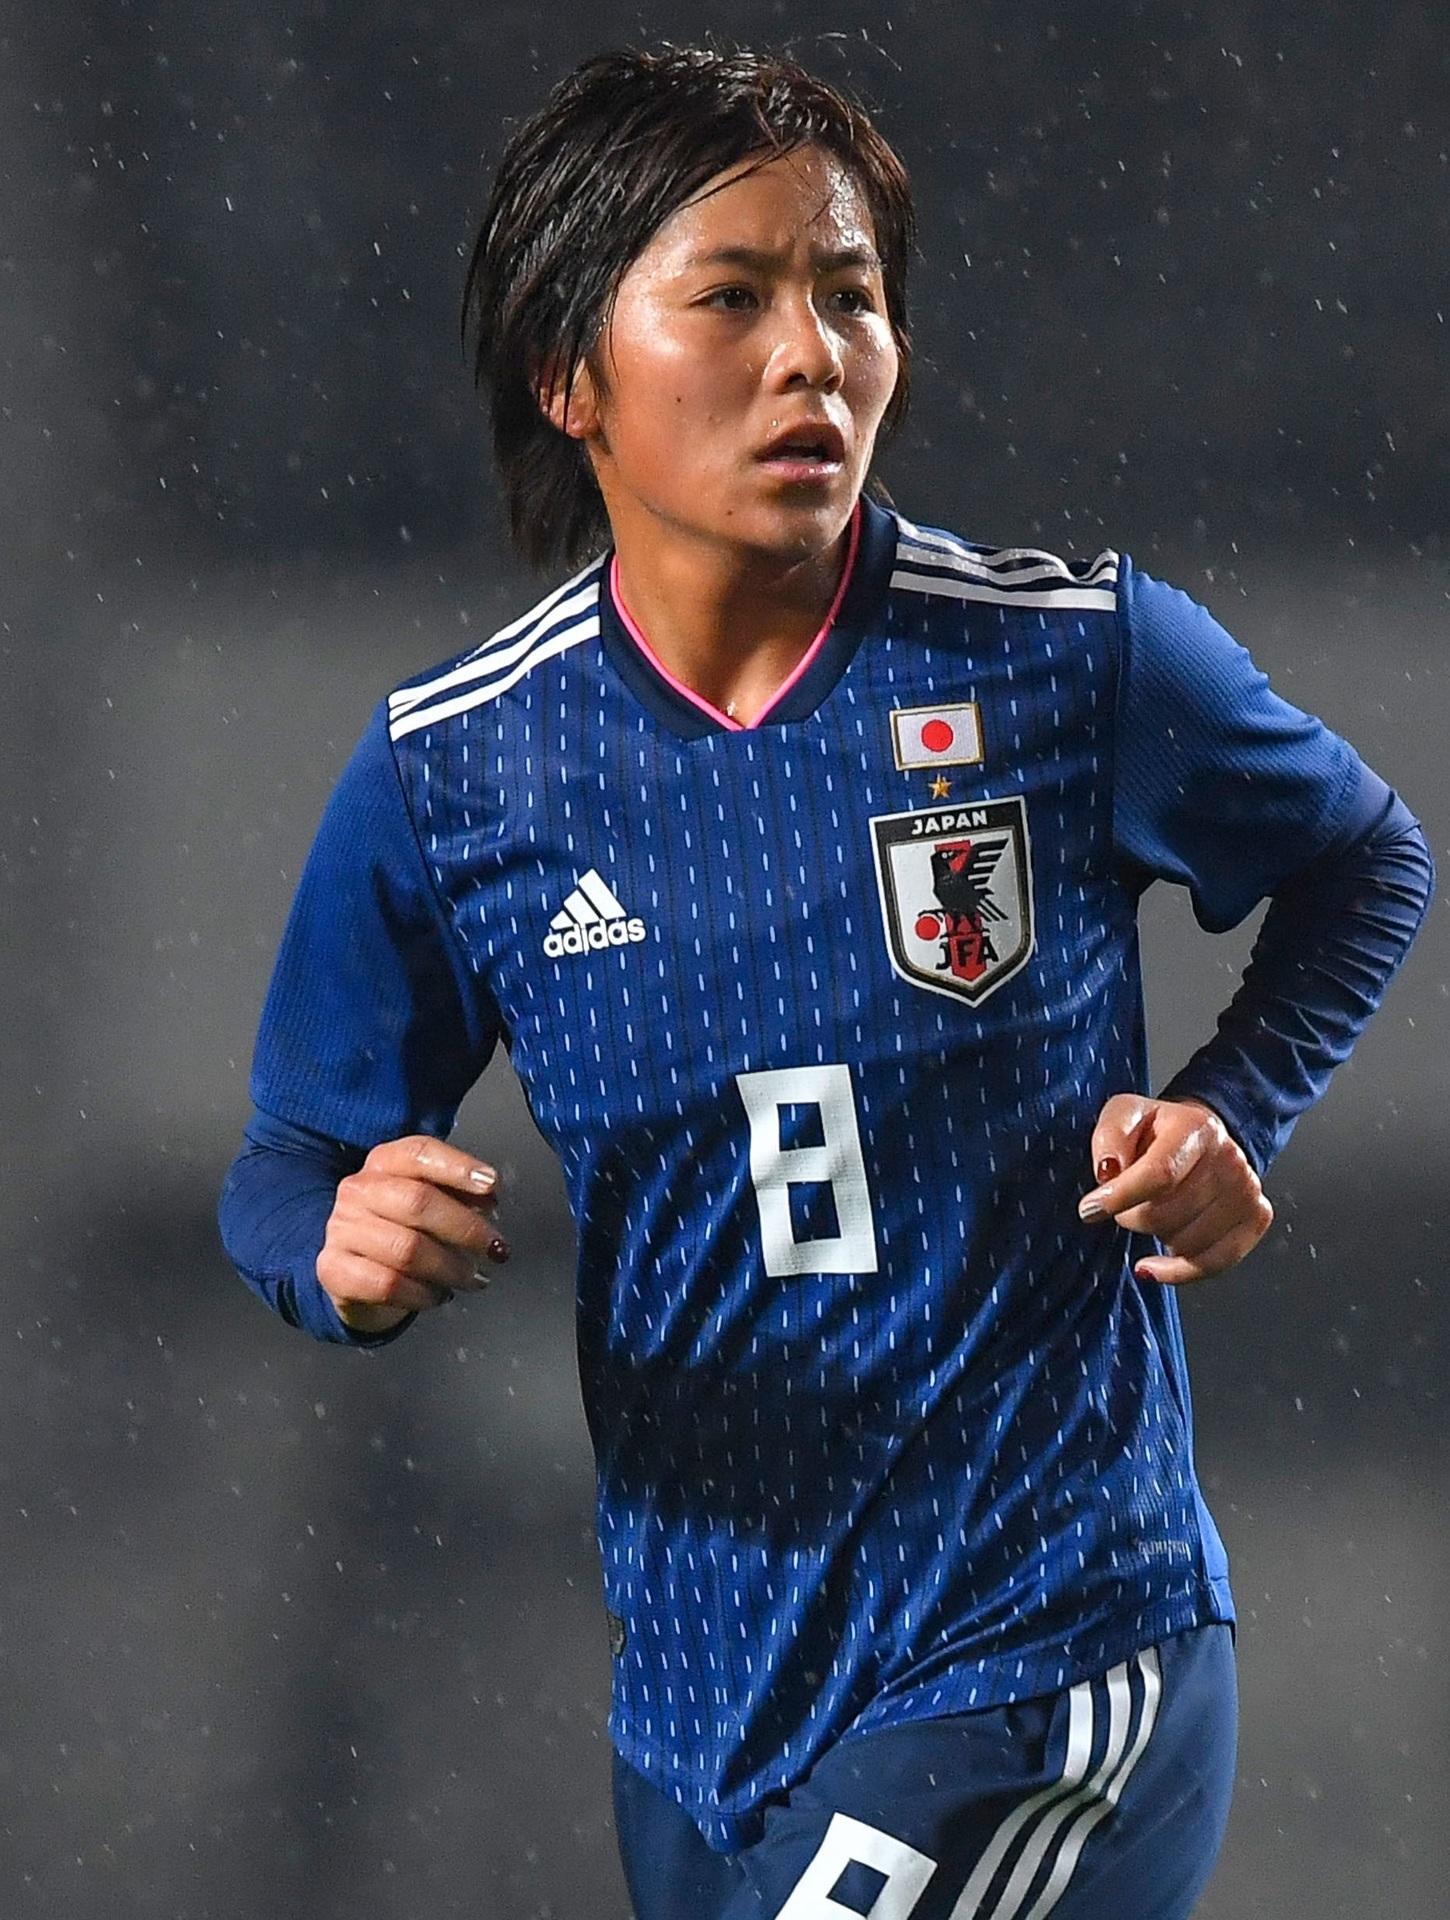 なでしこ-2017-adidas-E1カップ-ホーム-岩渕真奈.jpg